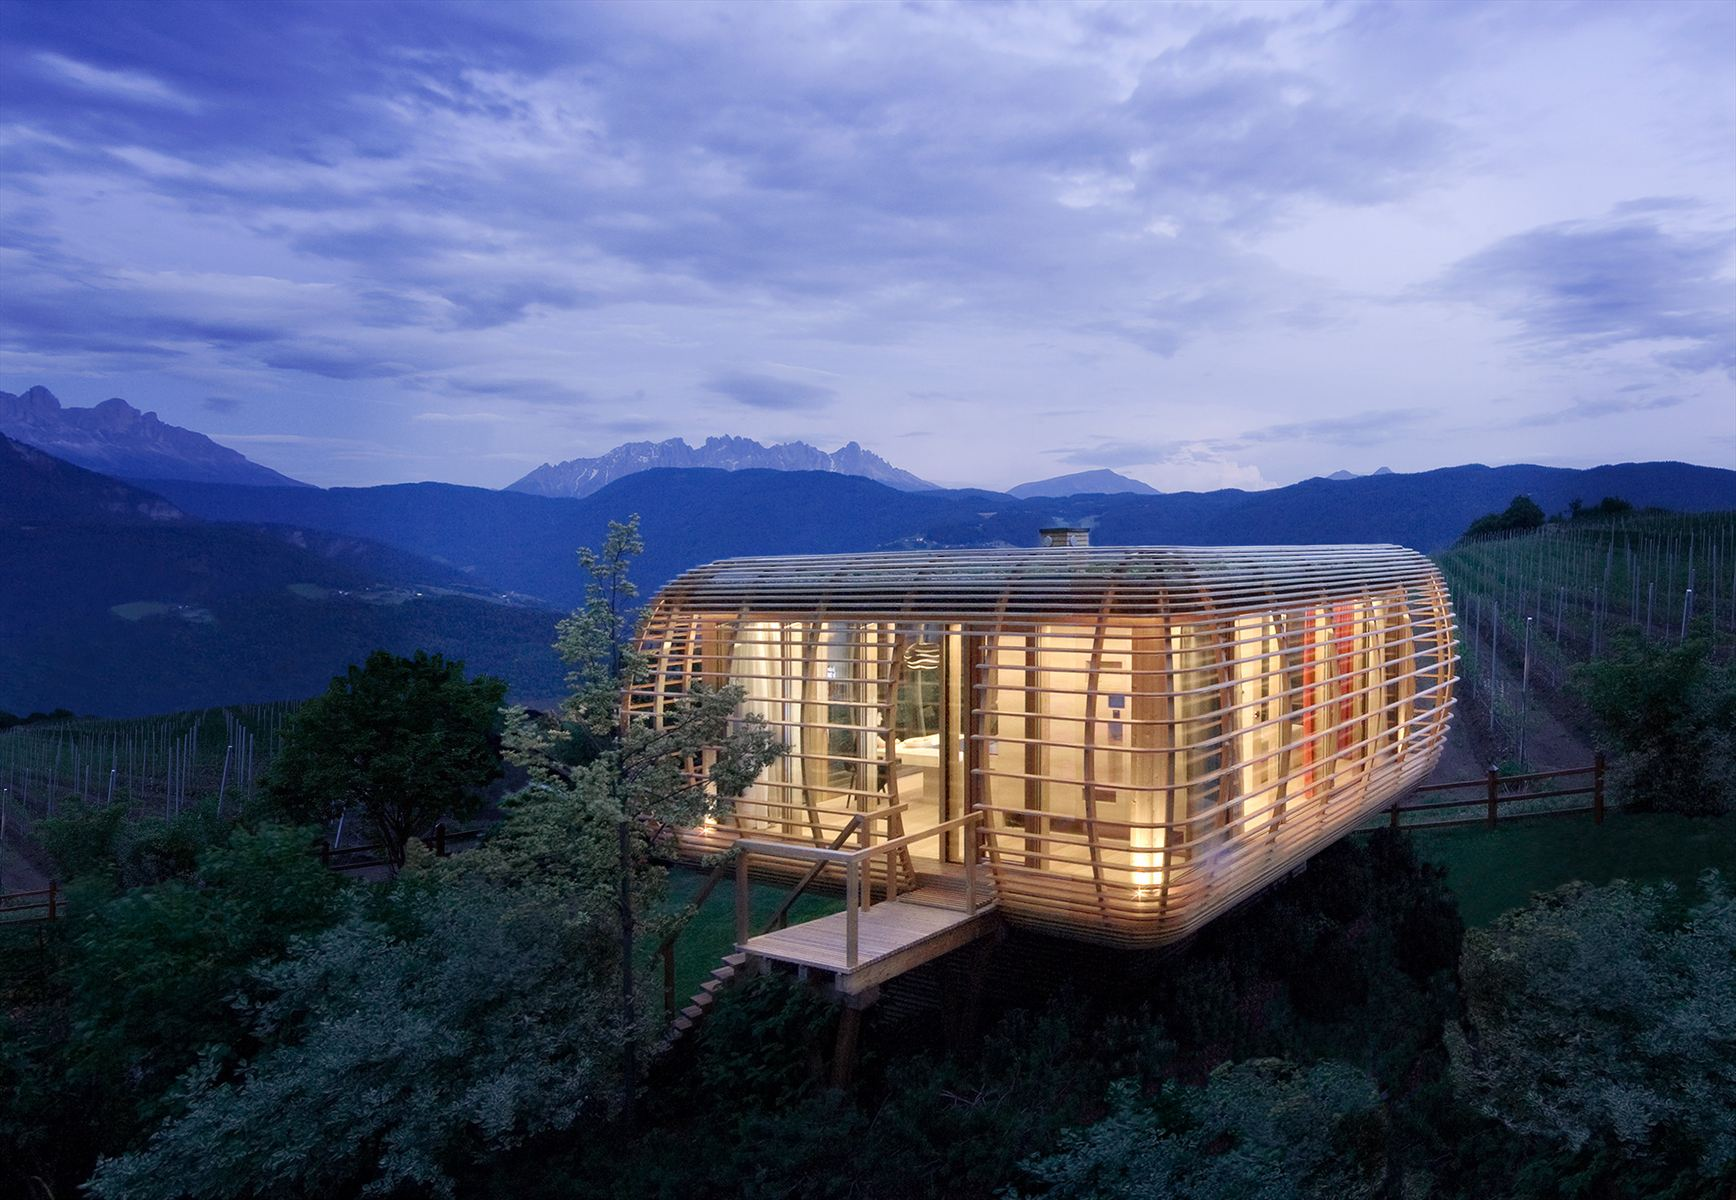 the-nomadic-fincube-house-by-studio-aisslinger-13.jpg